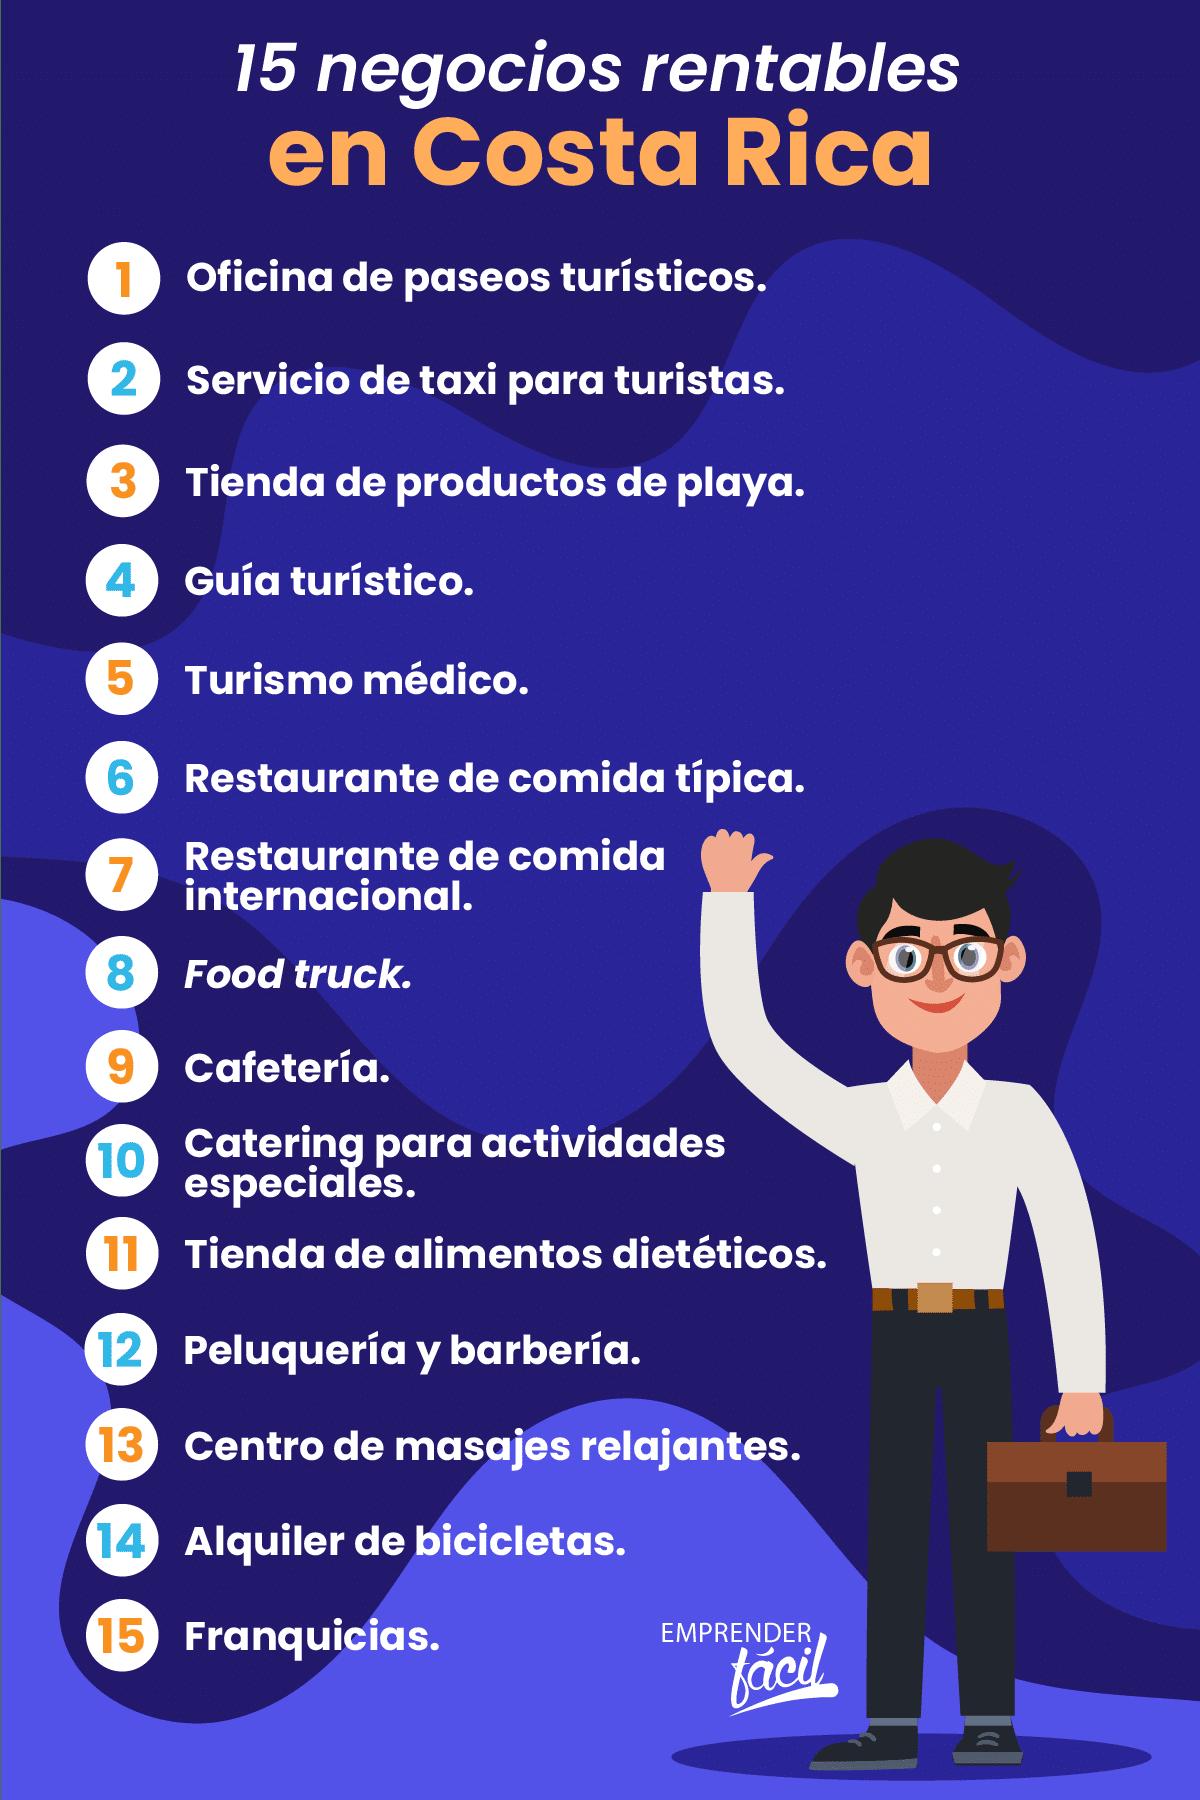 15 negocios rentables en Costa Rica.